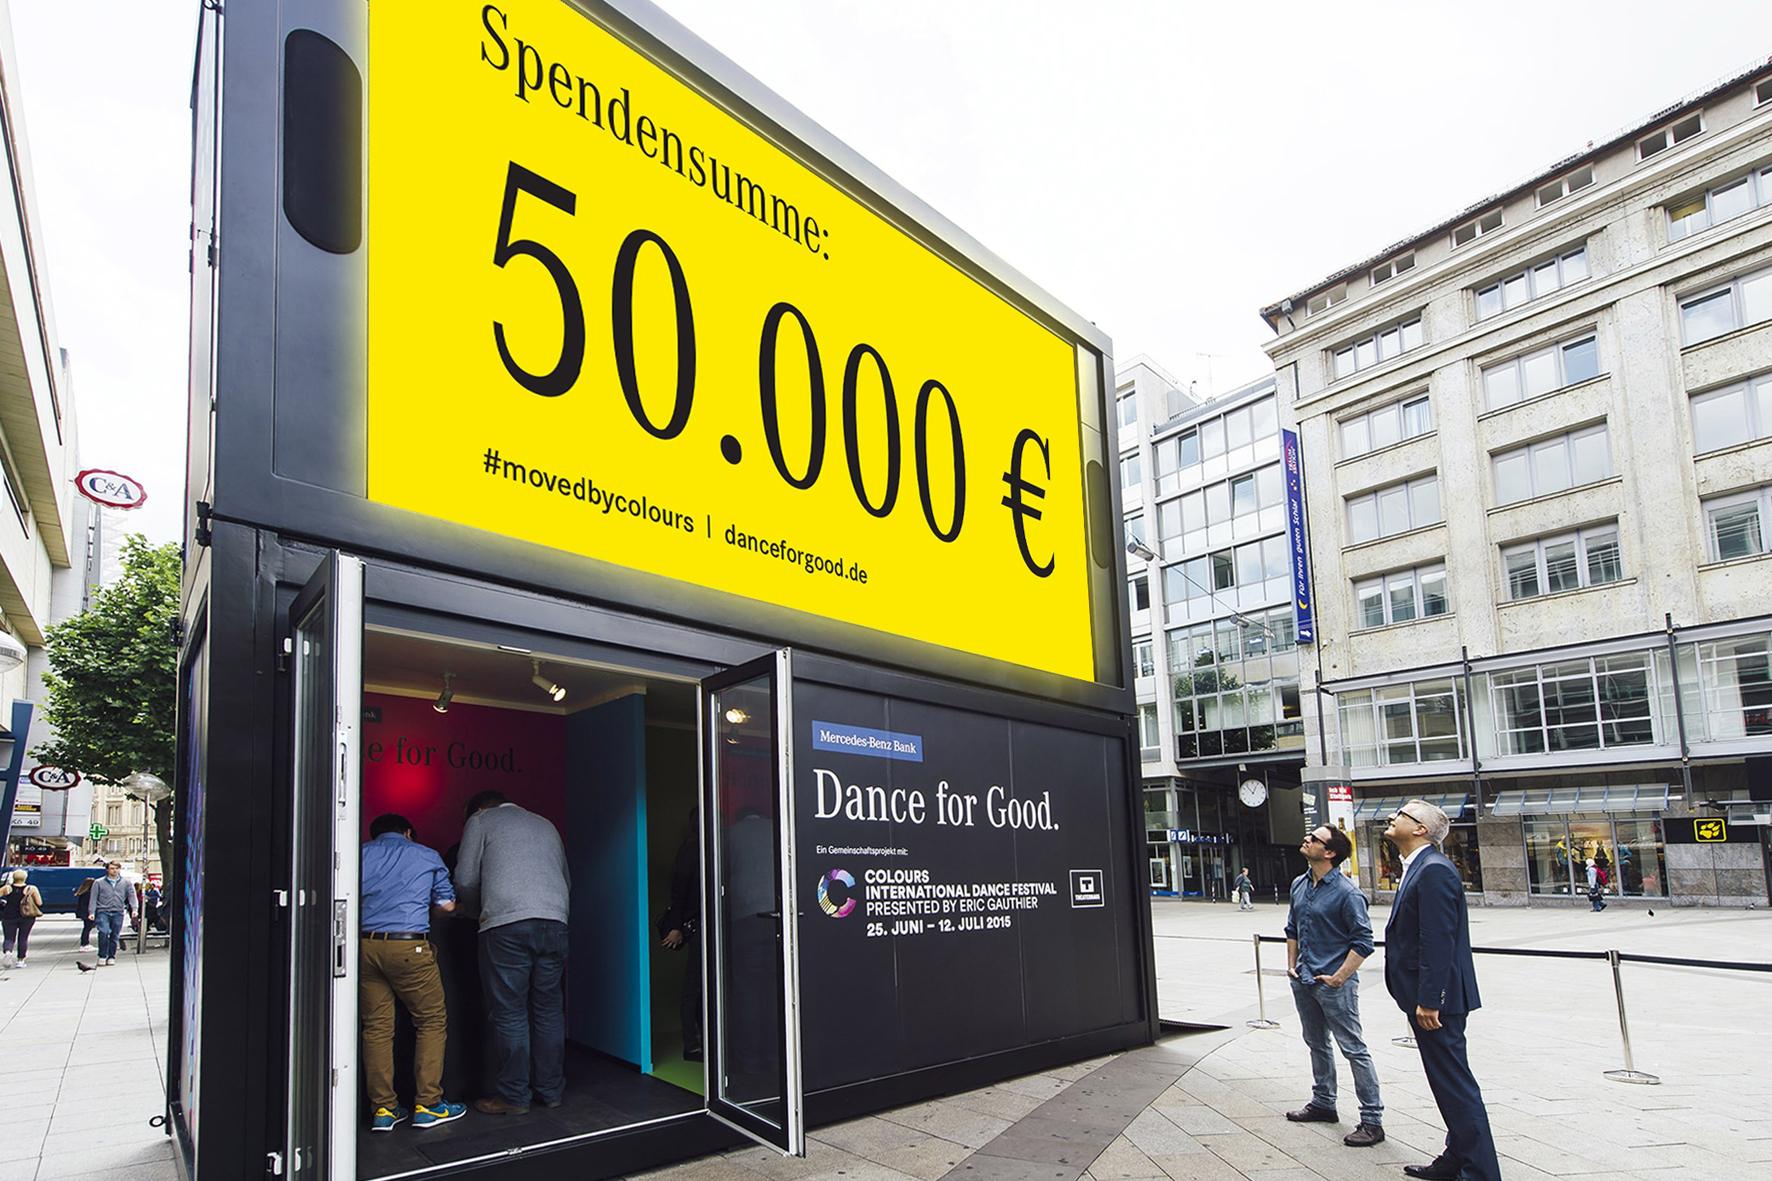 """mid Stuttgart - Die """"Tanz-Box"""" in Stuttgarts Innenstadt hat mehr als 6.000 Menschen angelockt, die bei der Aktion """"Dance for Good"""" der Mercedes-Benz Bank das Tanzbein geschwungen haben."""